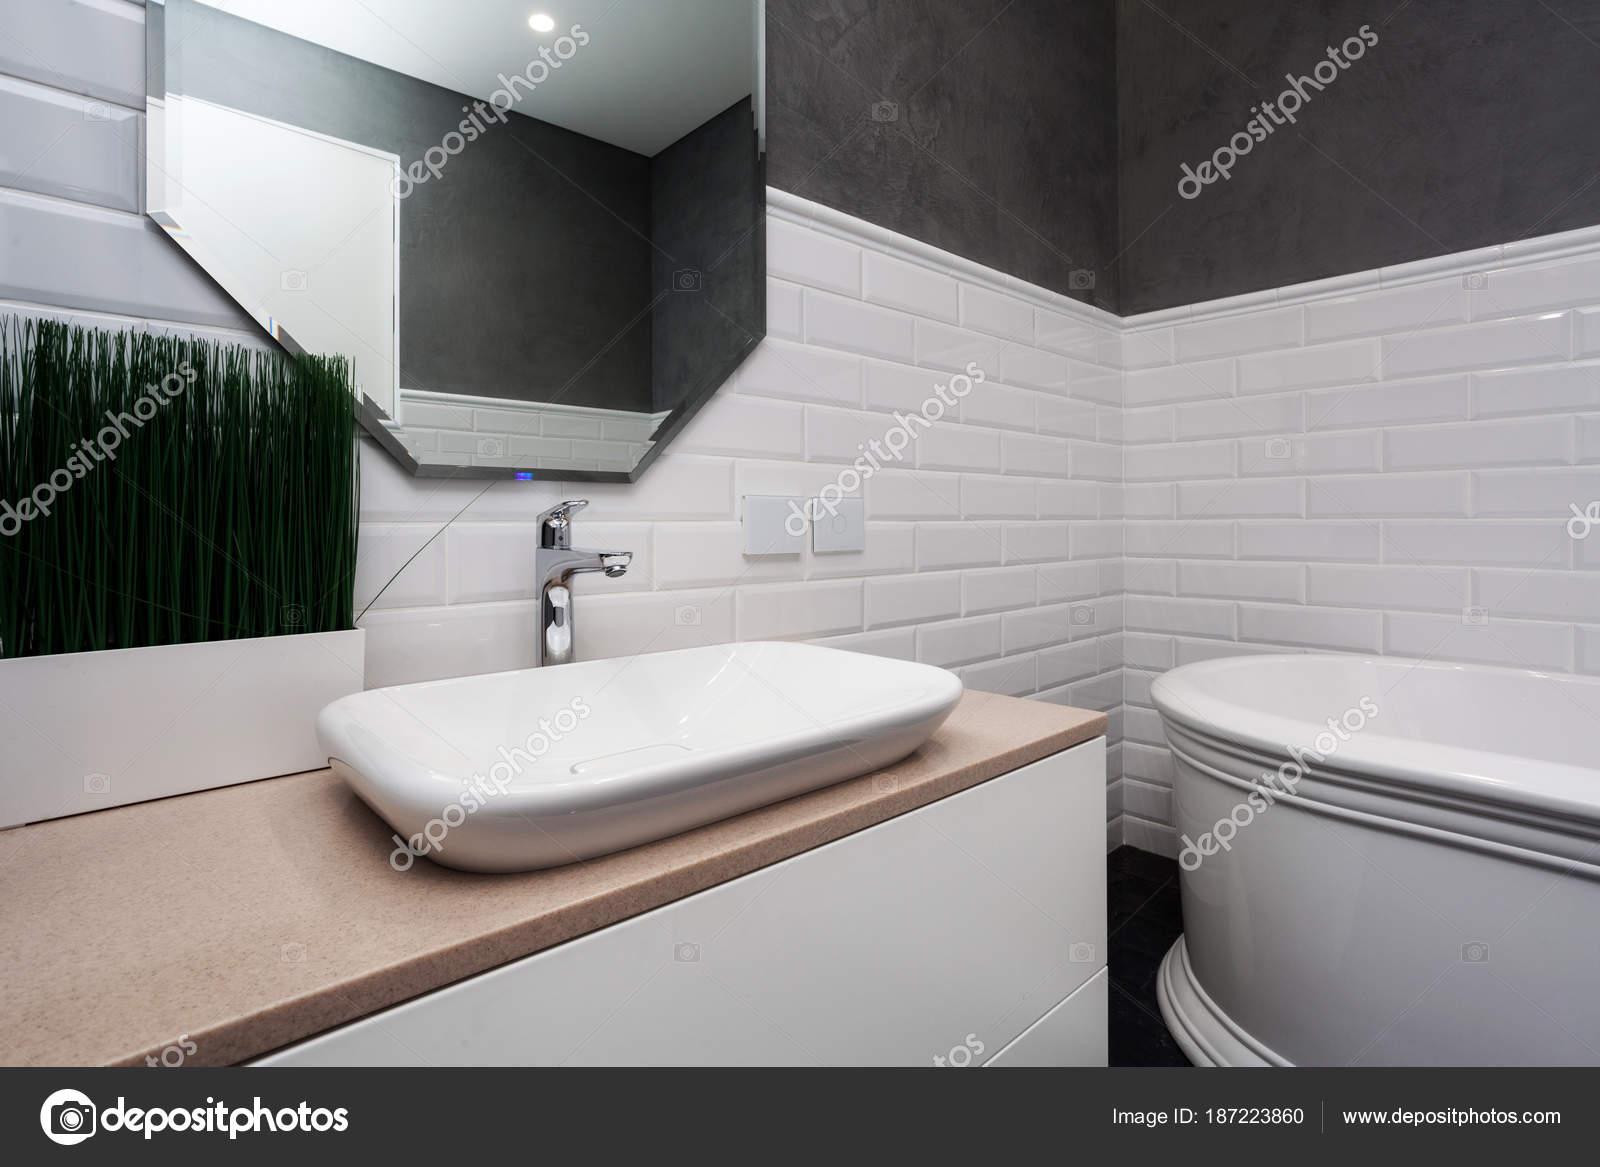 Badkamer Lichte Tegels : Badkamer interieur lichte badkamer met nieuwe tegels nieuwe wastafel